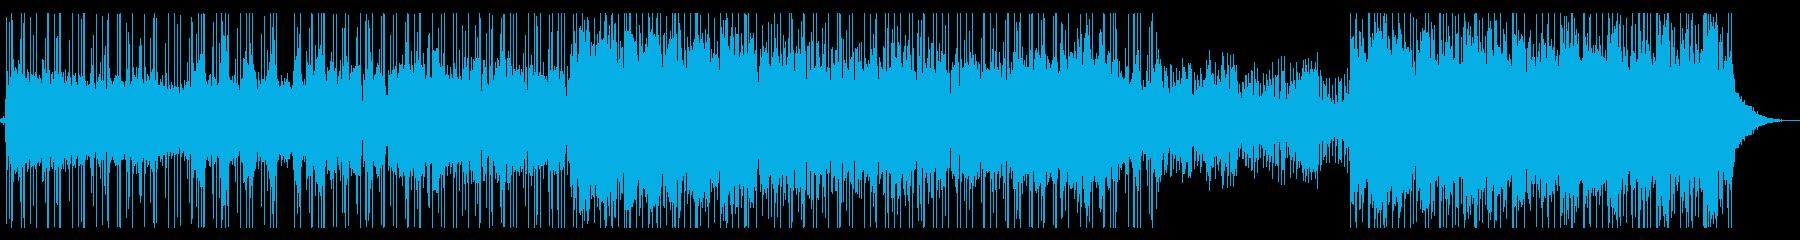 落ち着いてるけど、リズムな曲です。の再生済みの波形